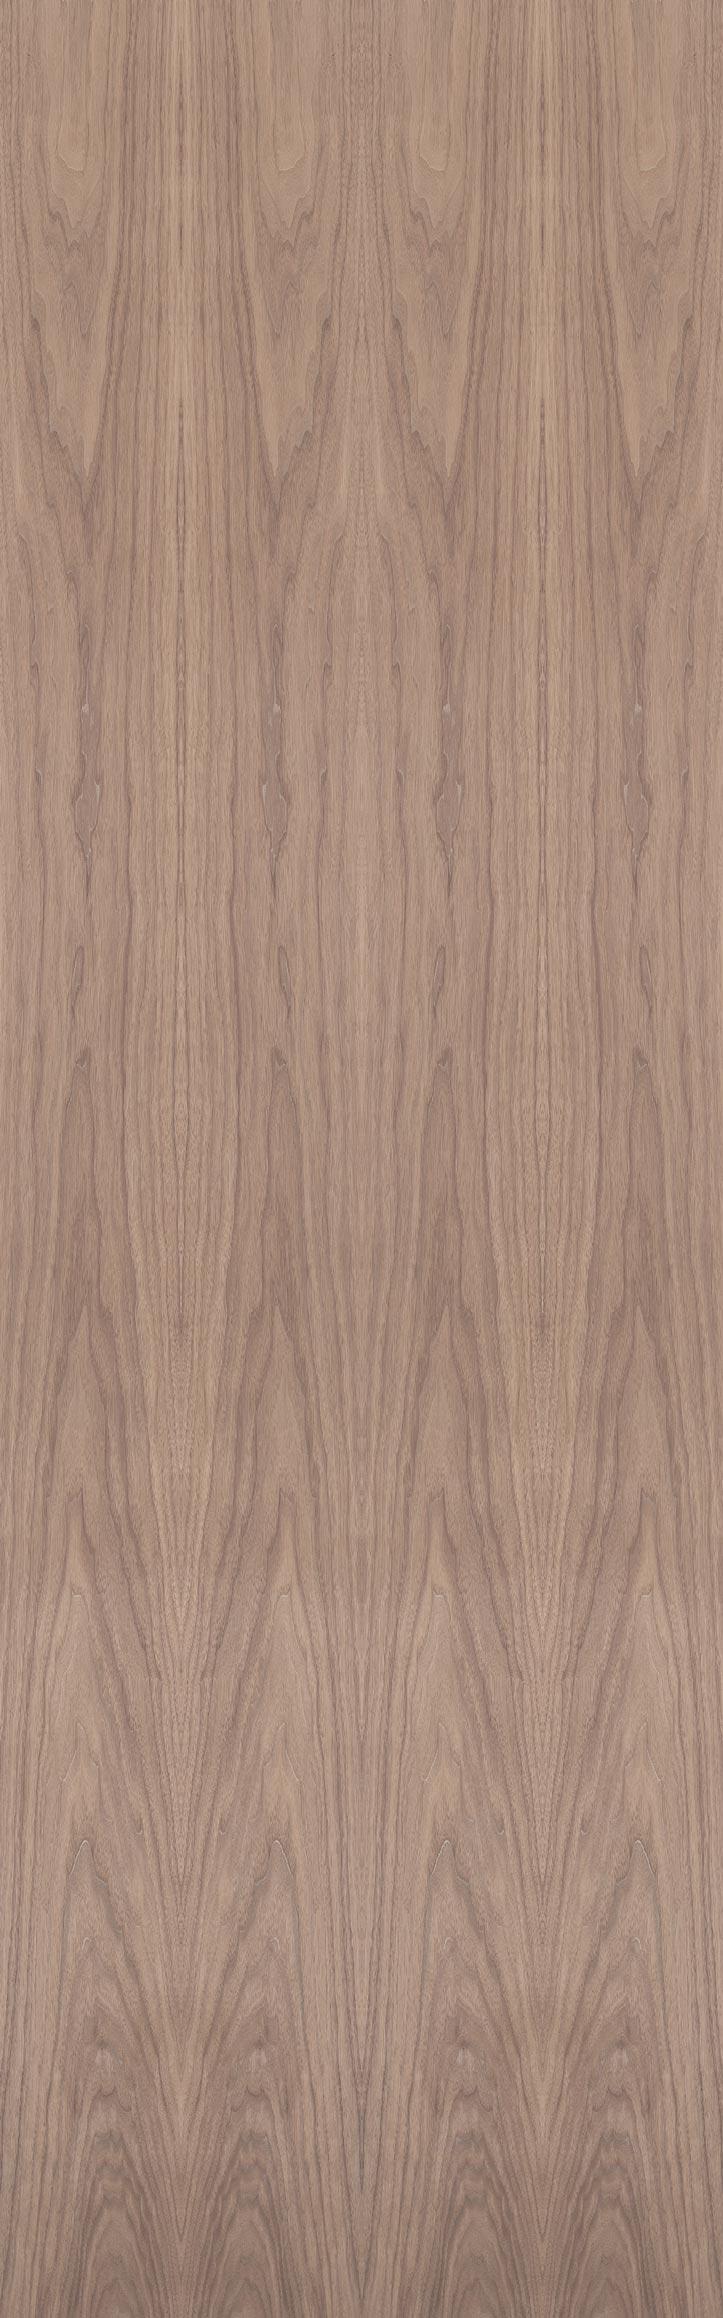 Walnut American Black Wood Veneer Dooge Veneers